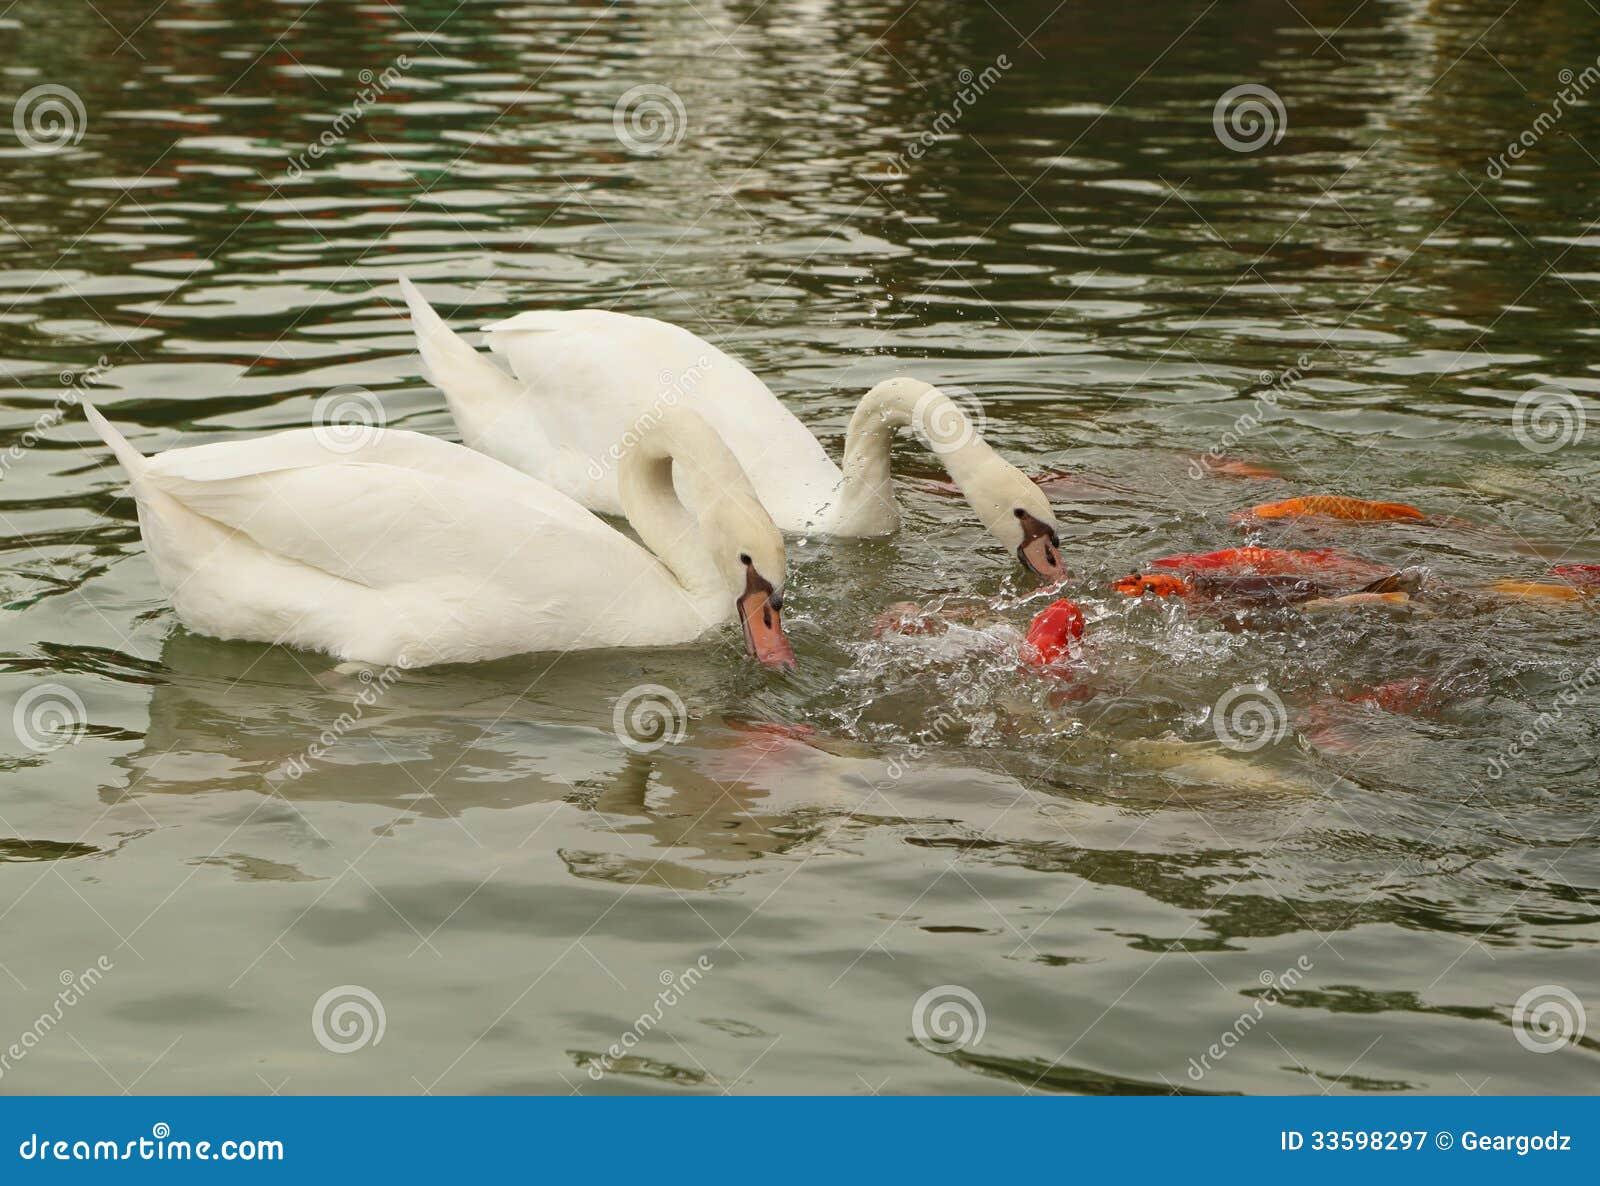 Cigno con nuoto del pesce di koi nello stagno immagine for Animali da stagno